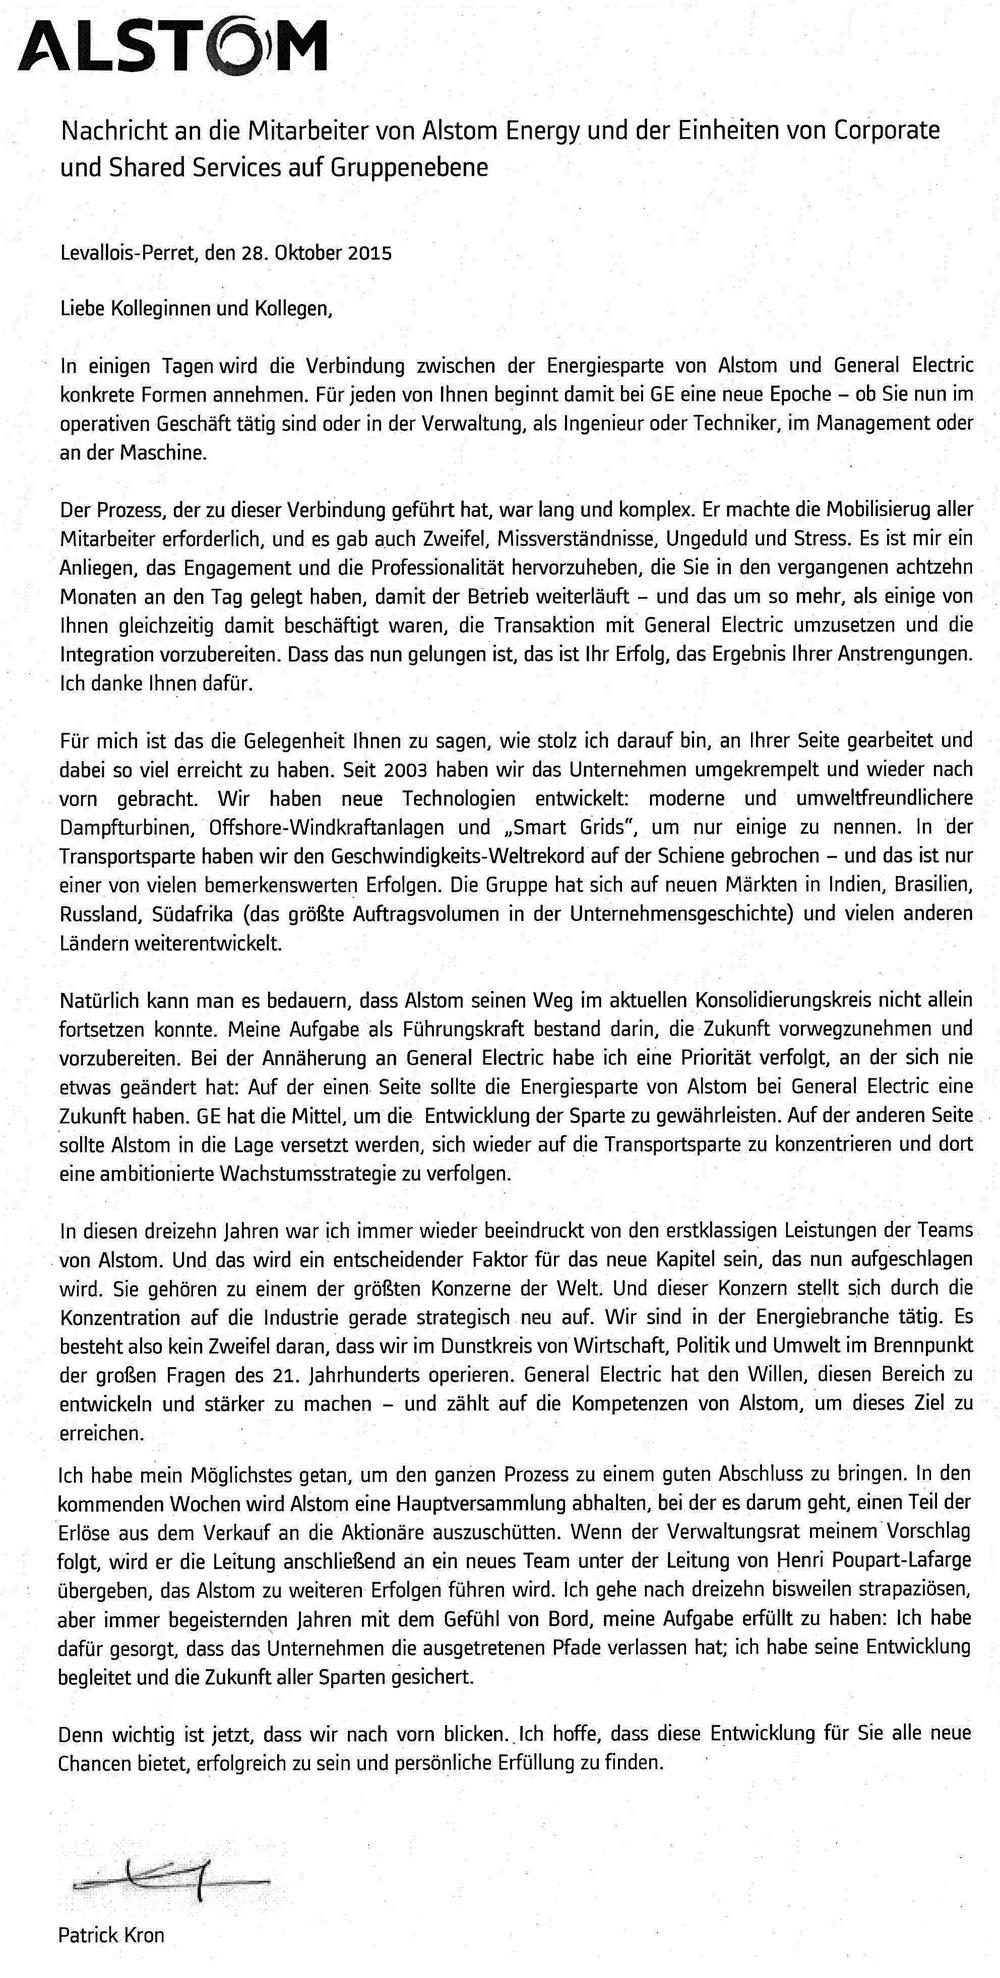 Nachricht Alstom an Mitarbeiter